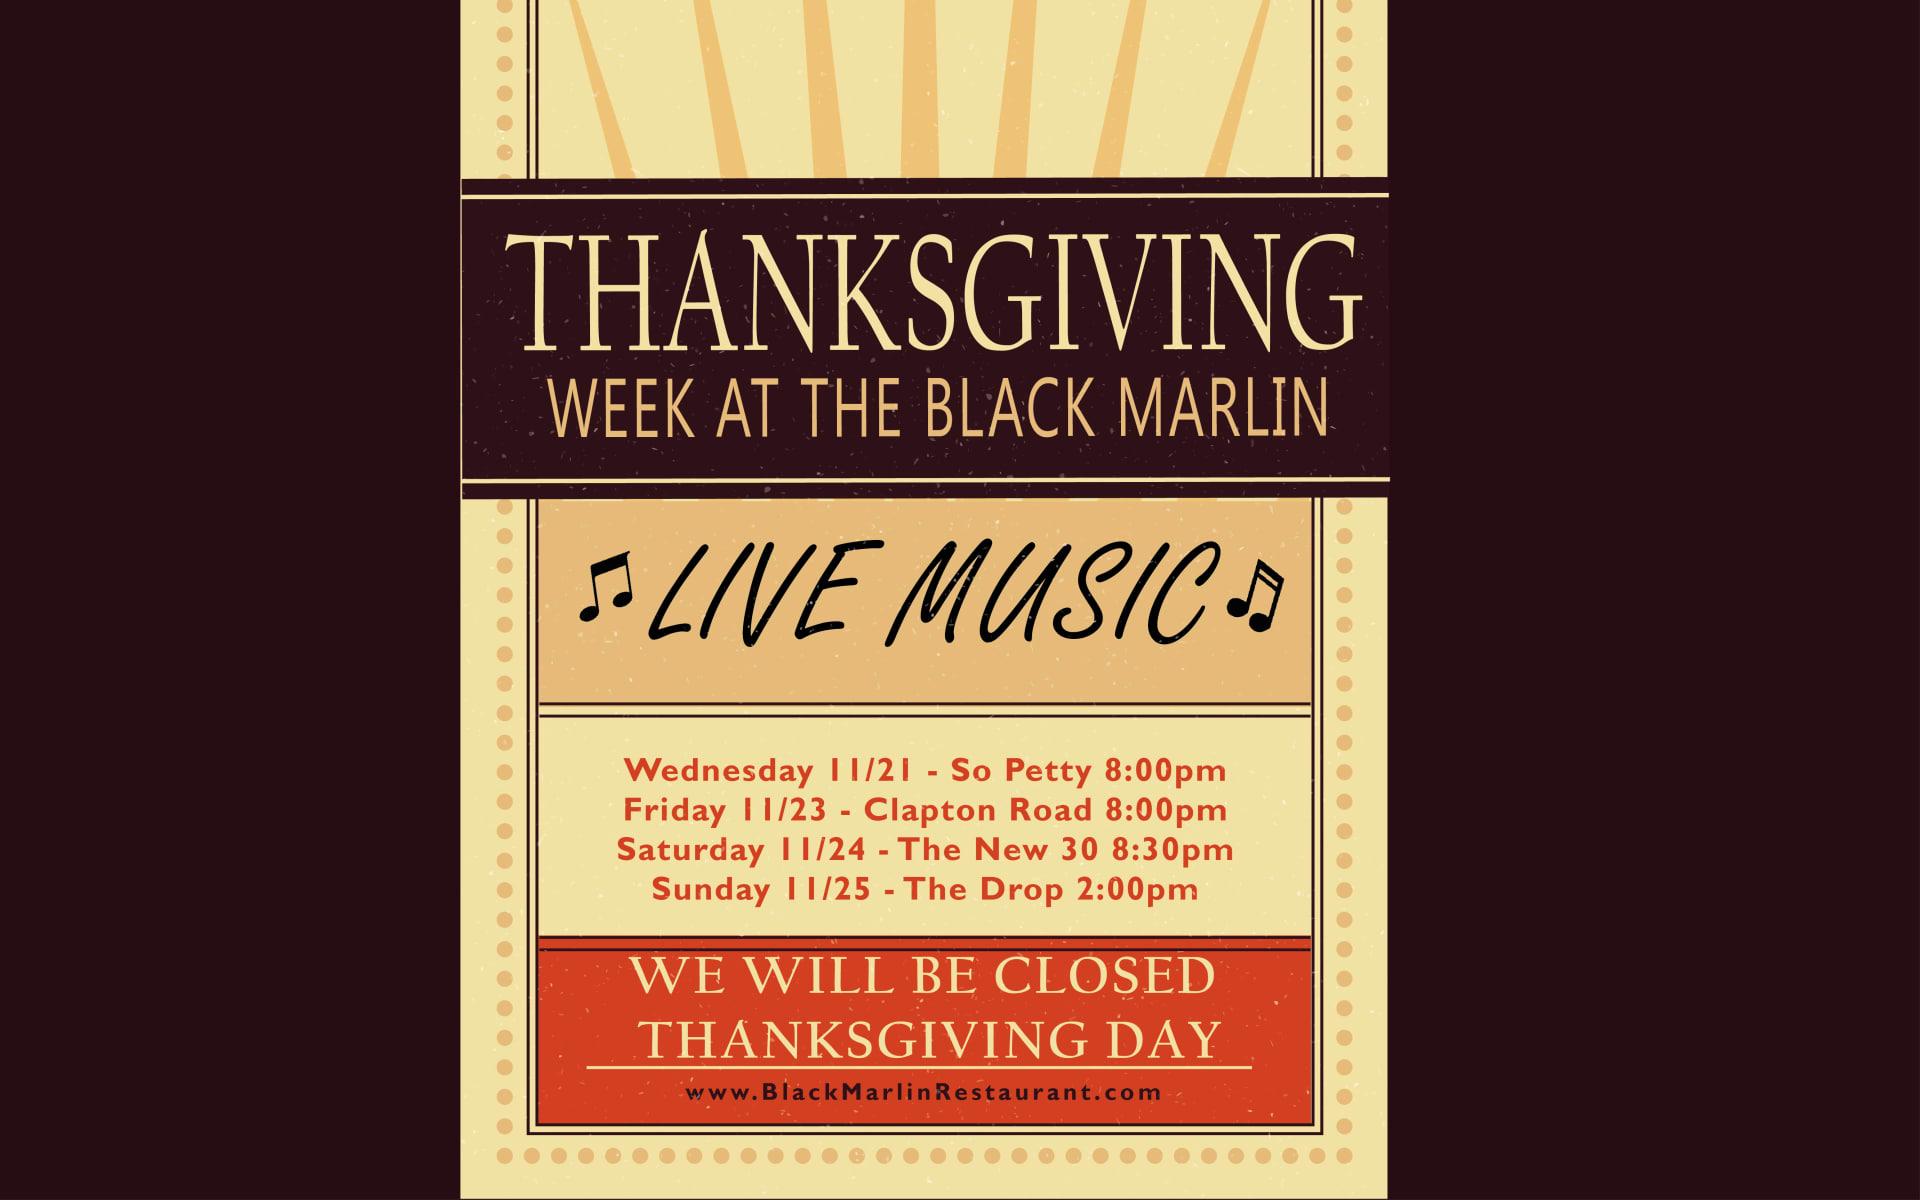 NOV 21 - NOV 25 | Thanksgiving Week